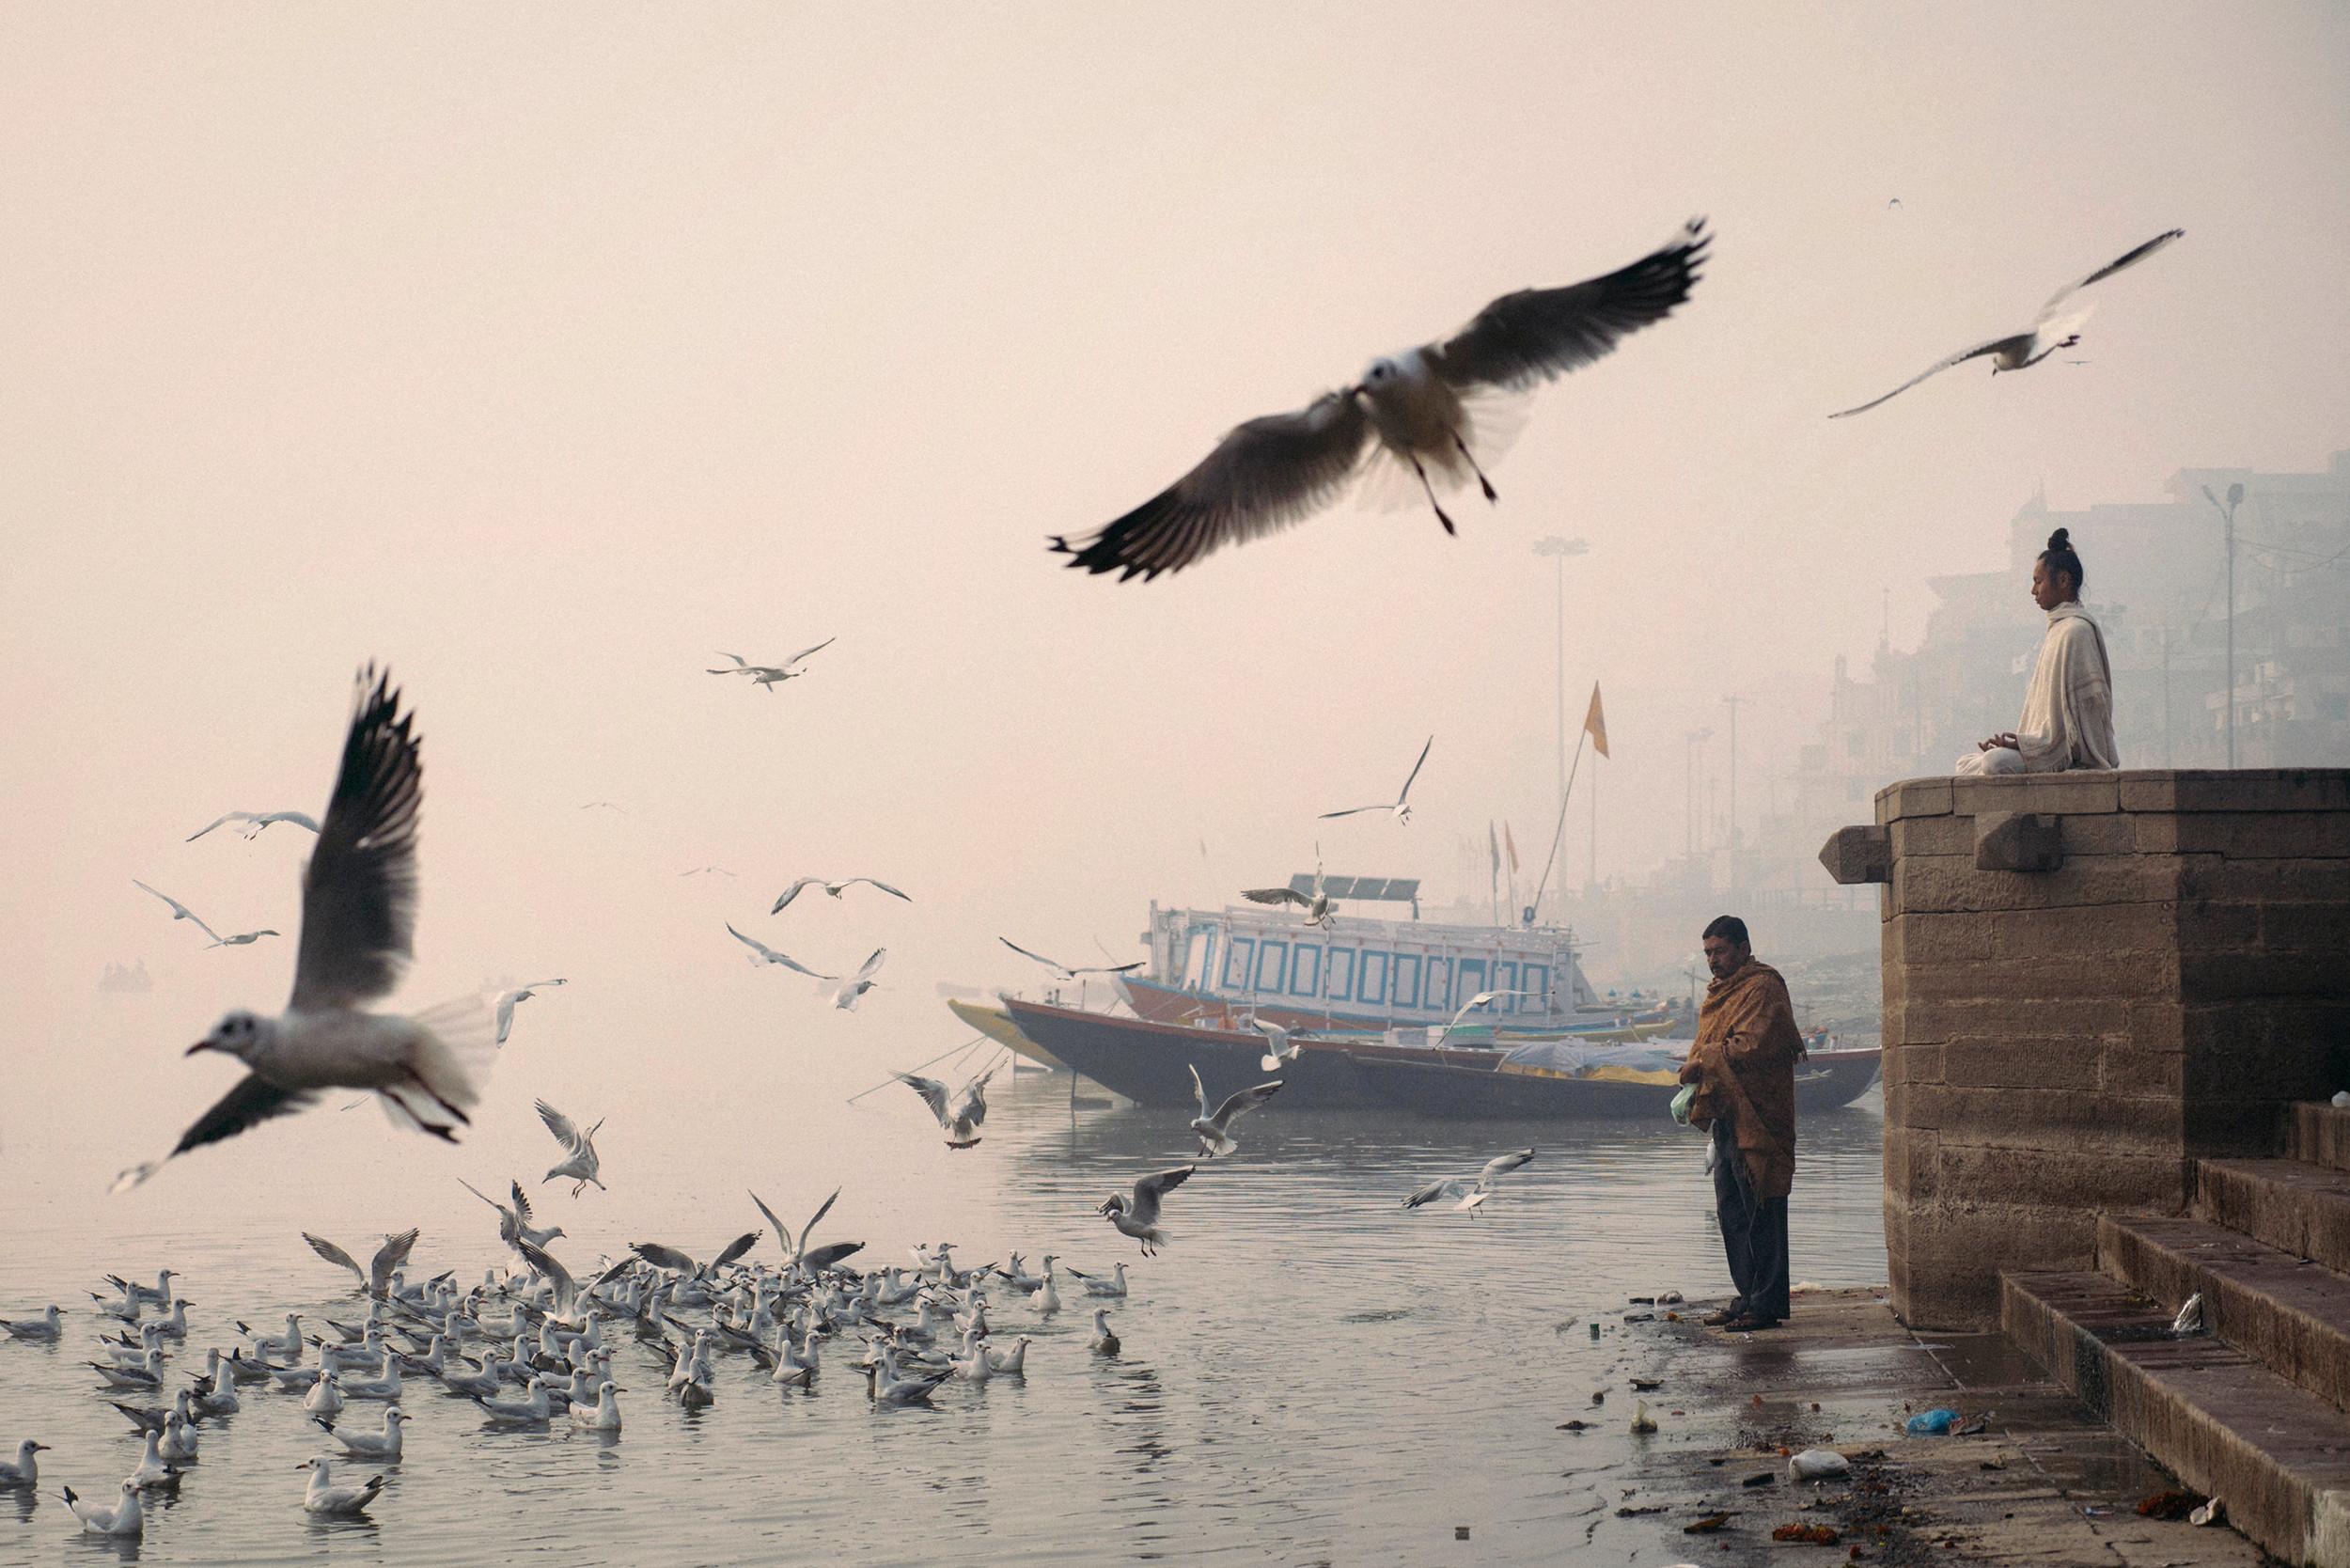 Taken with a Panasonic GX7, ISO 250, 12-35mm, f/2.8 at 35mm, 1/3200s |  Varanasi, India -2014